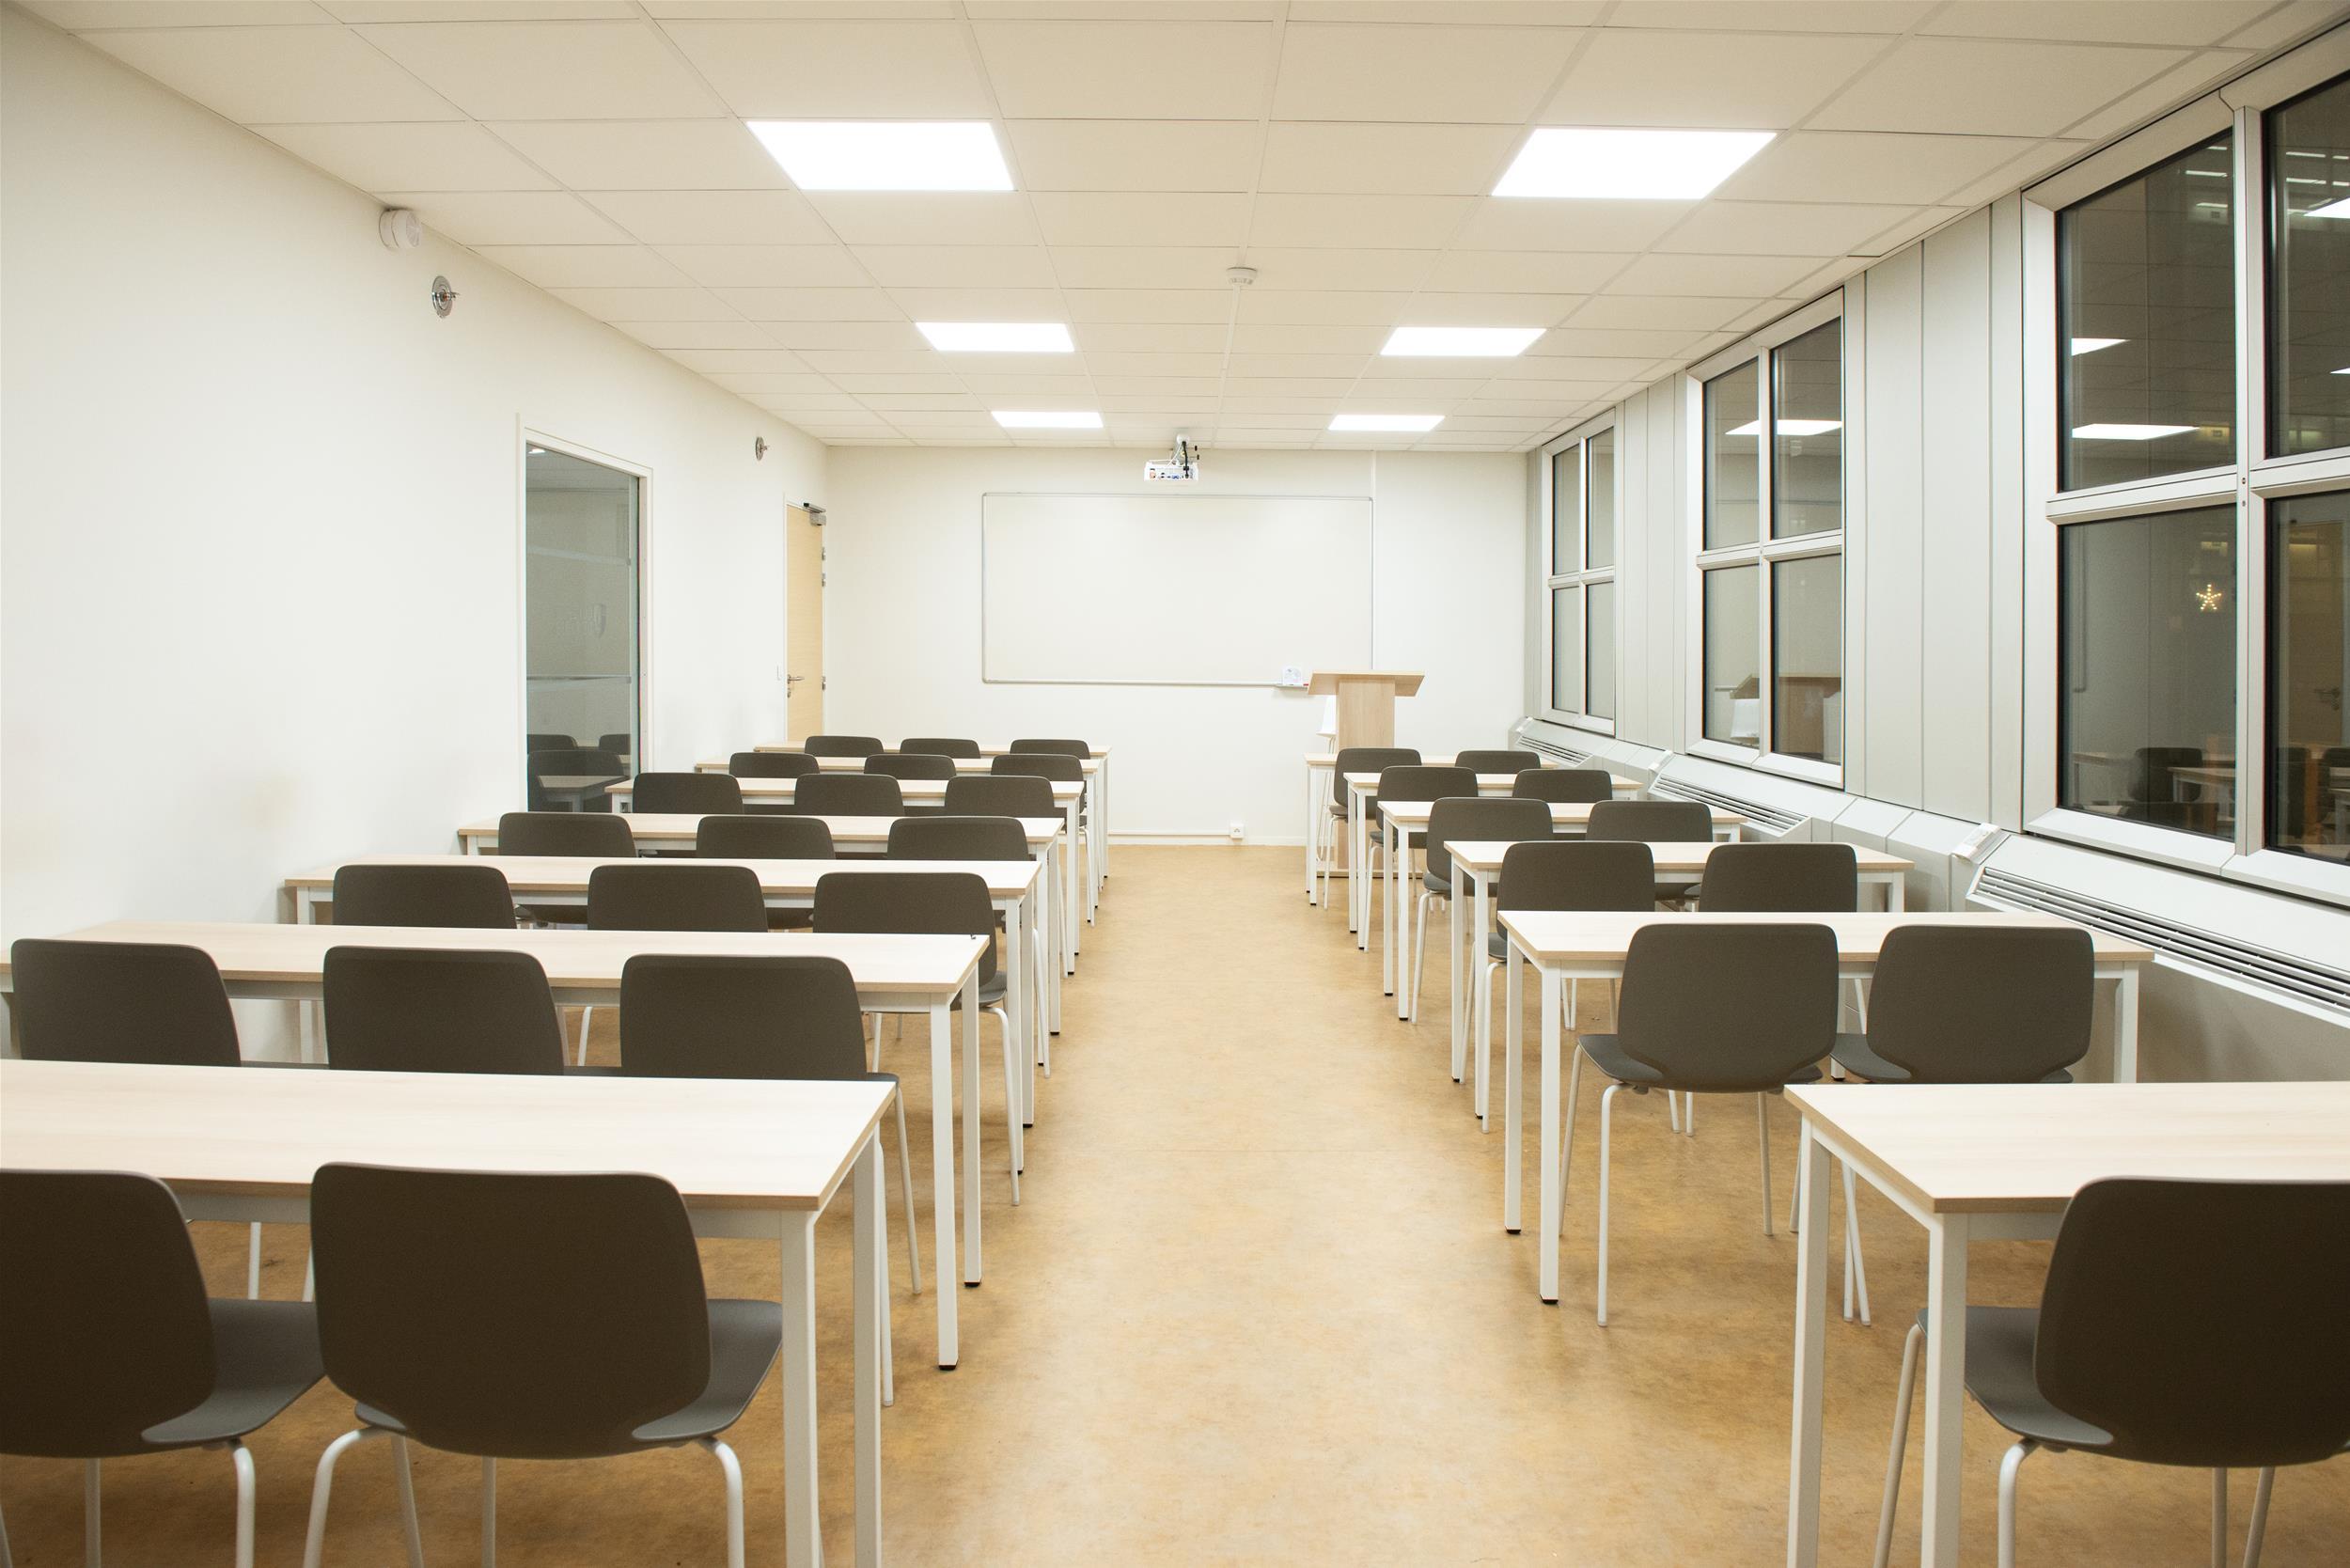 salle declasse-plafond acoustique-Tableau-chaises de cours